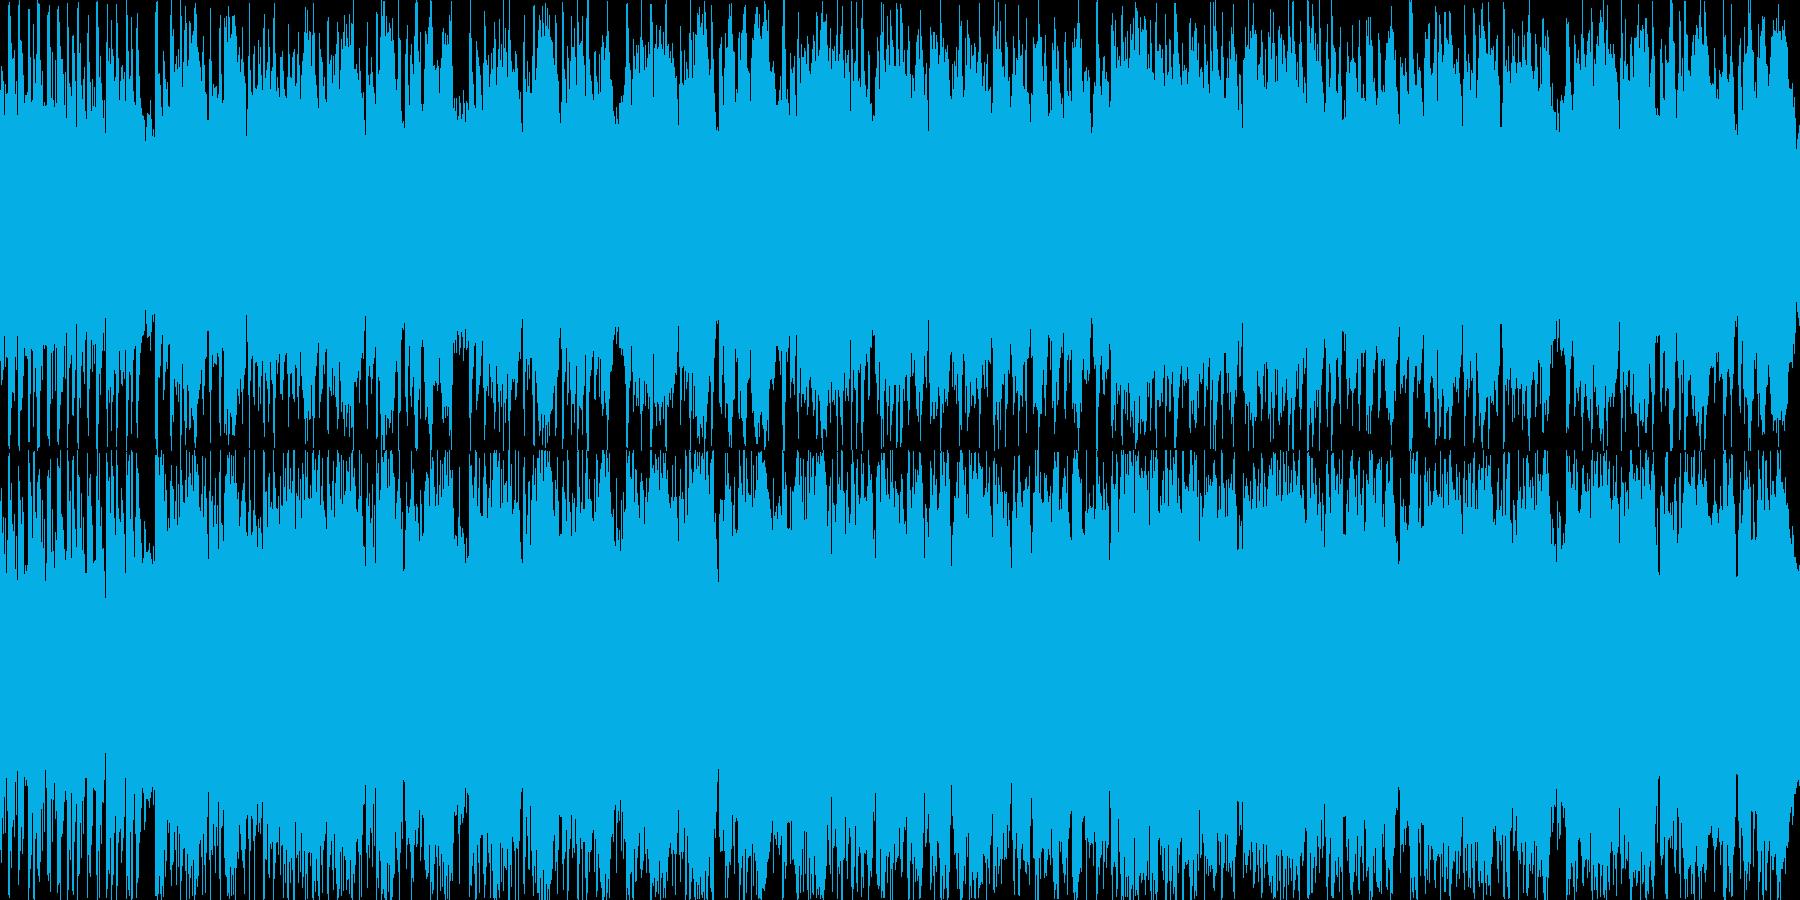 スペイン風のトロンボーンとギターの短調の再生済みの波形